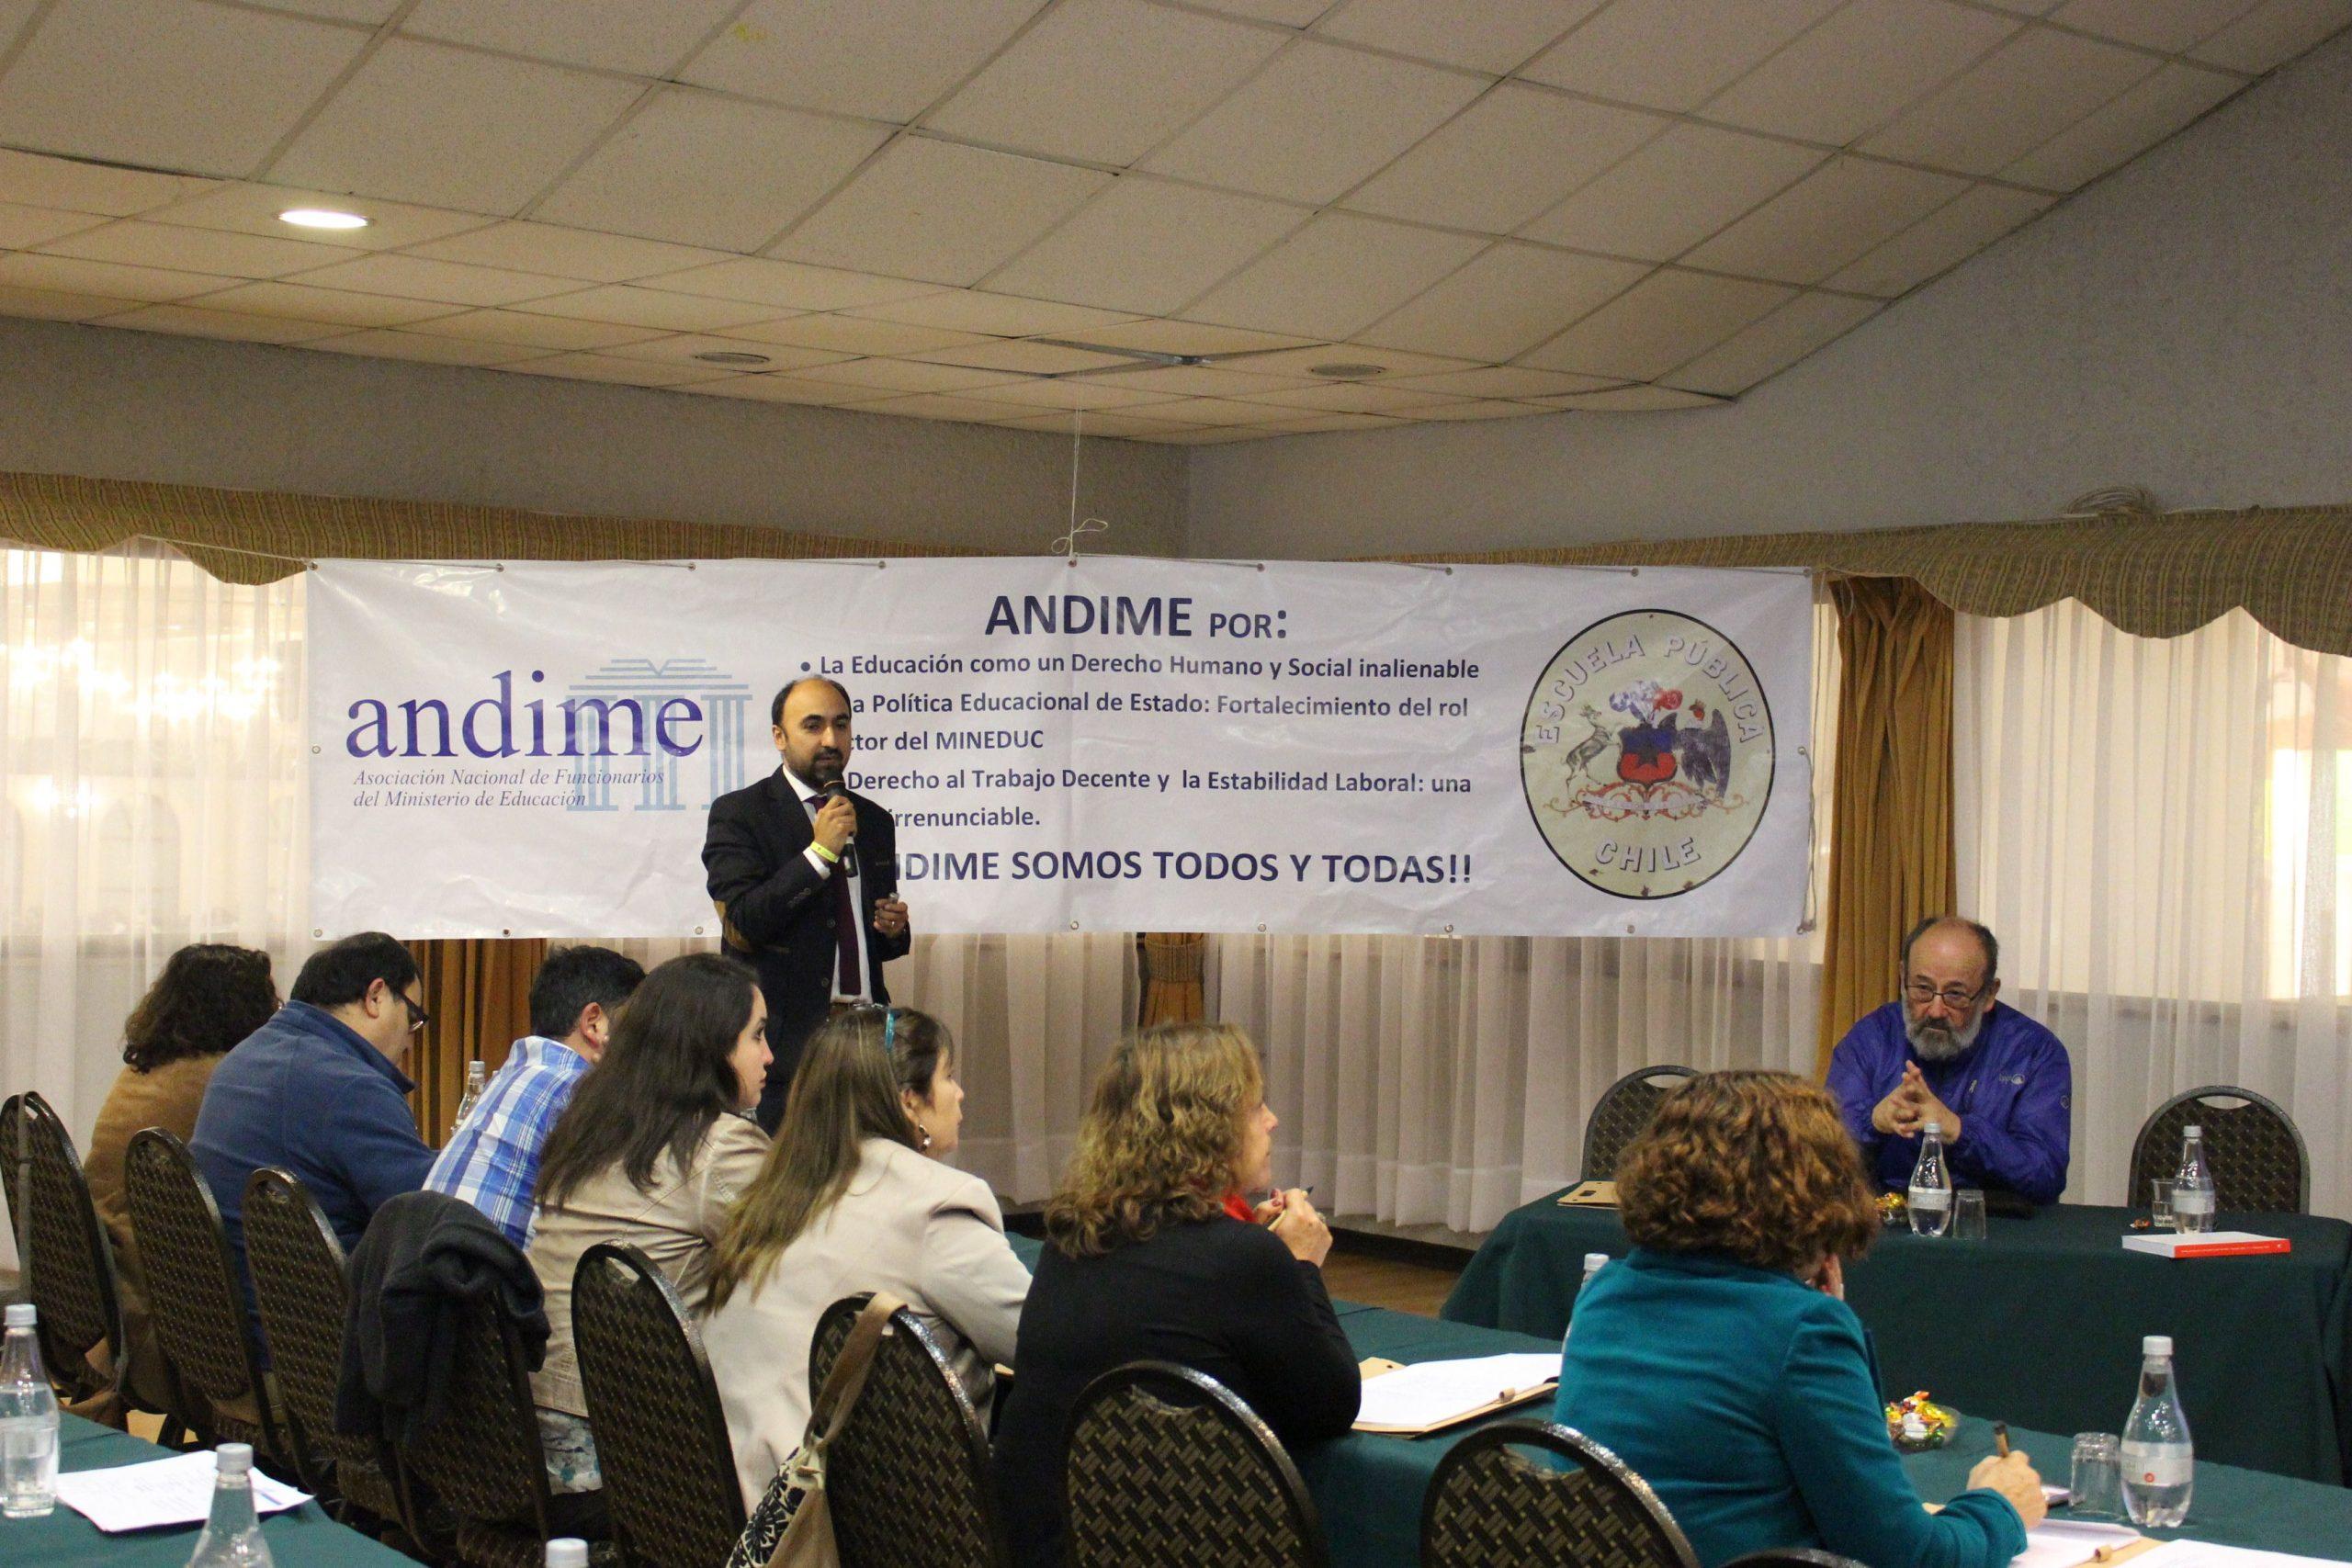 Continúa trabajo de Escuela Sindical con exposición de abogado Daniel Silva y emblemático dirigente Raúl de la Puente